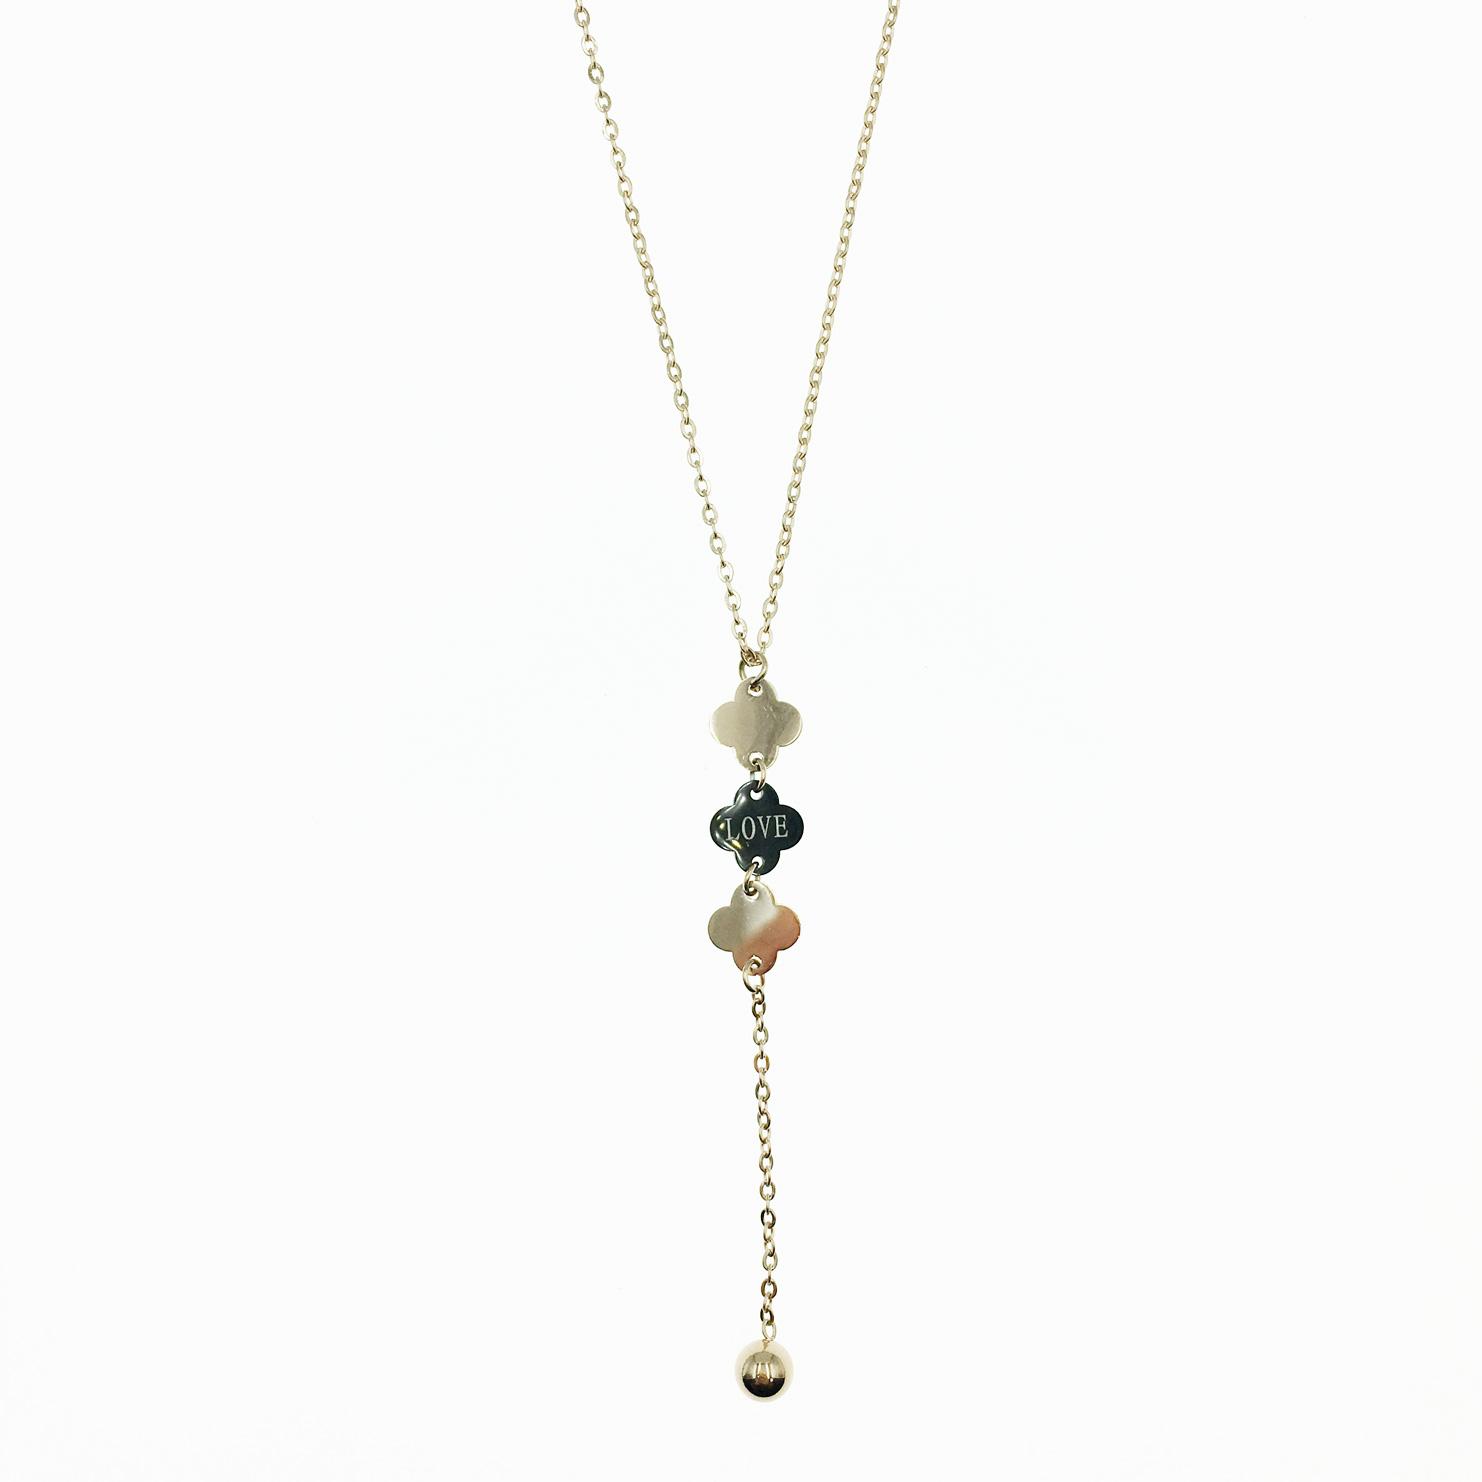 韓國 不鏽鋼 英文字吊牌 玫瑰金 垂墜感 項鍊